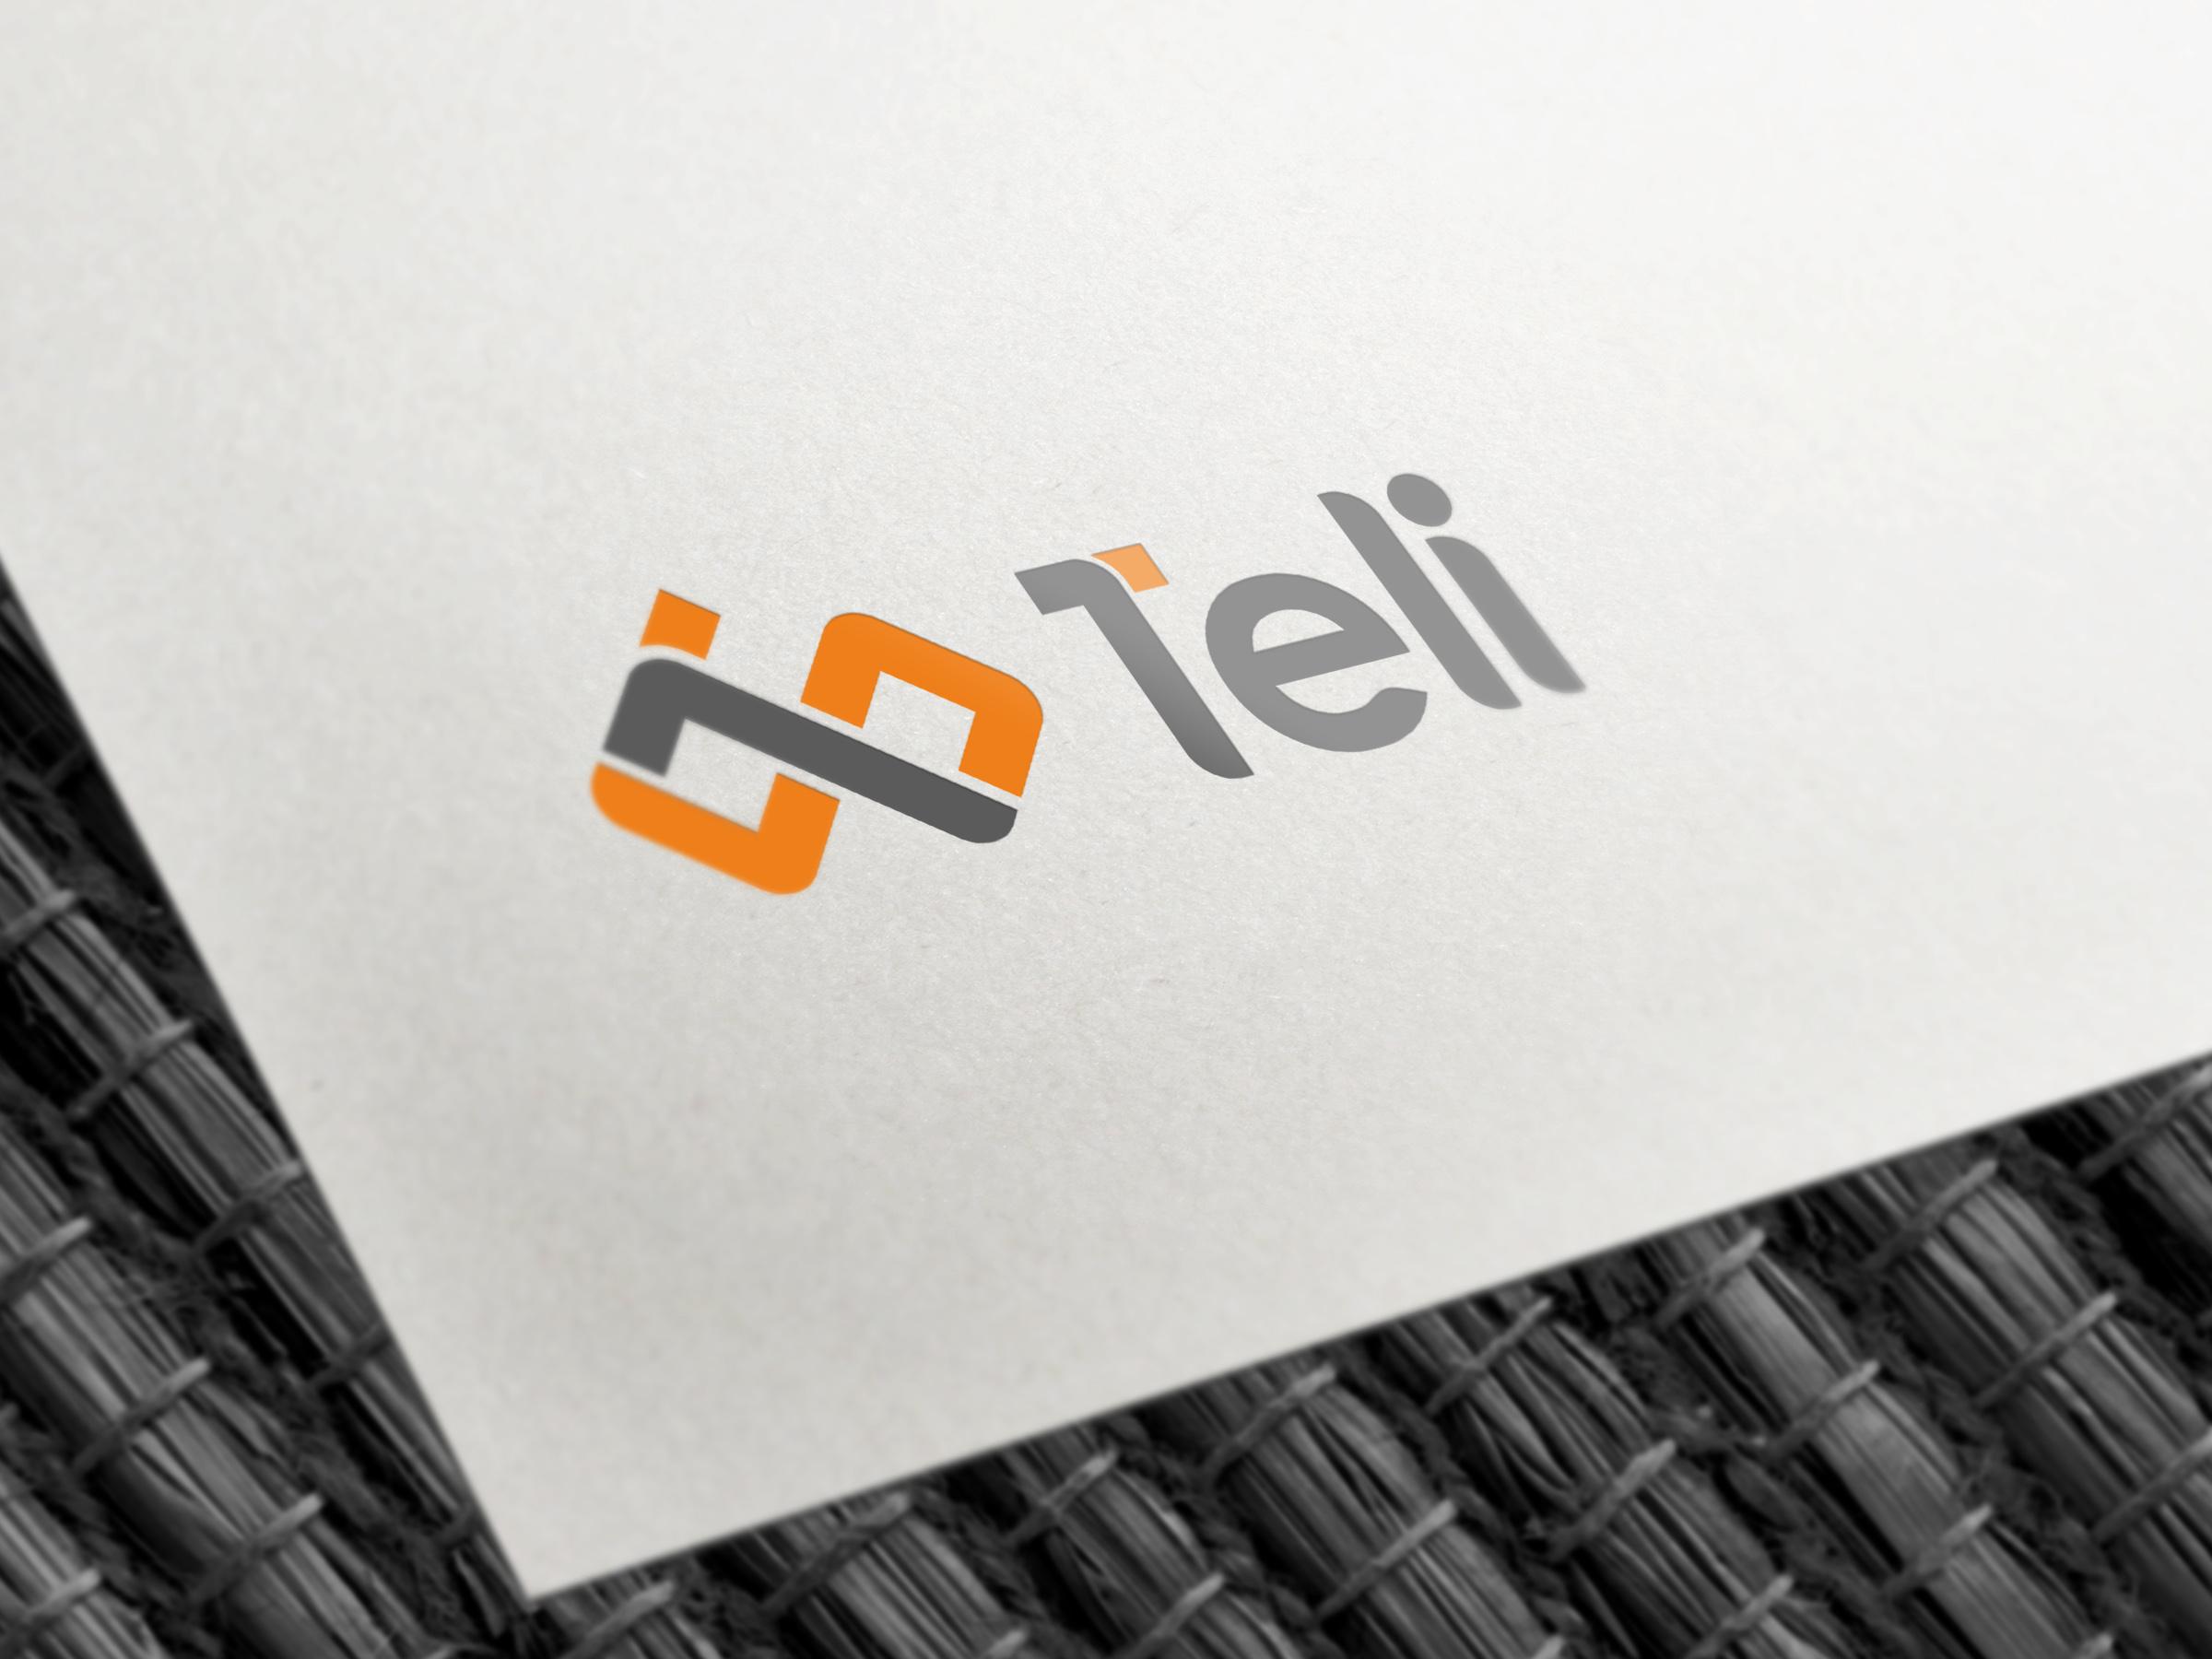 Разработка логотипа и фирменного стиля фото f_43658ff3b9e240e6.jpg